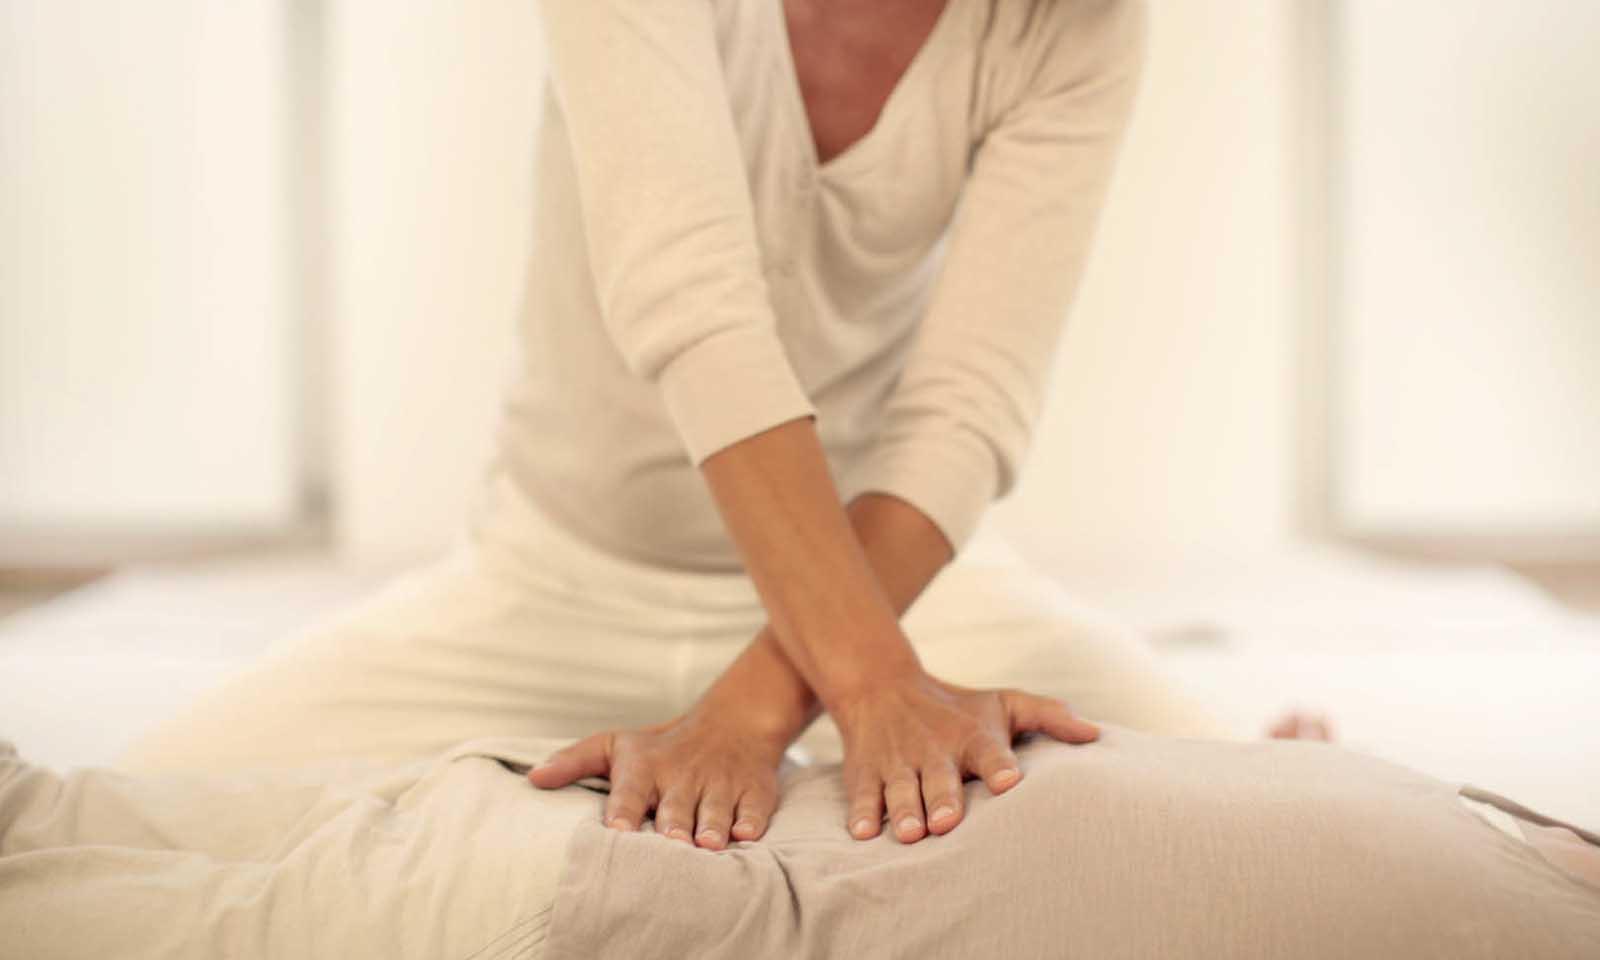 Massaggio shiatsu: a chi è indicato e benefici